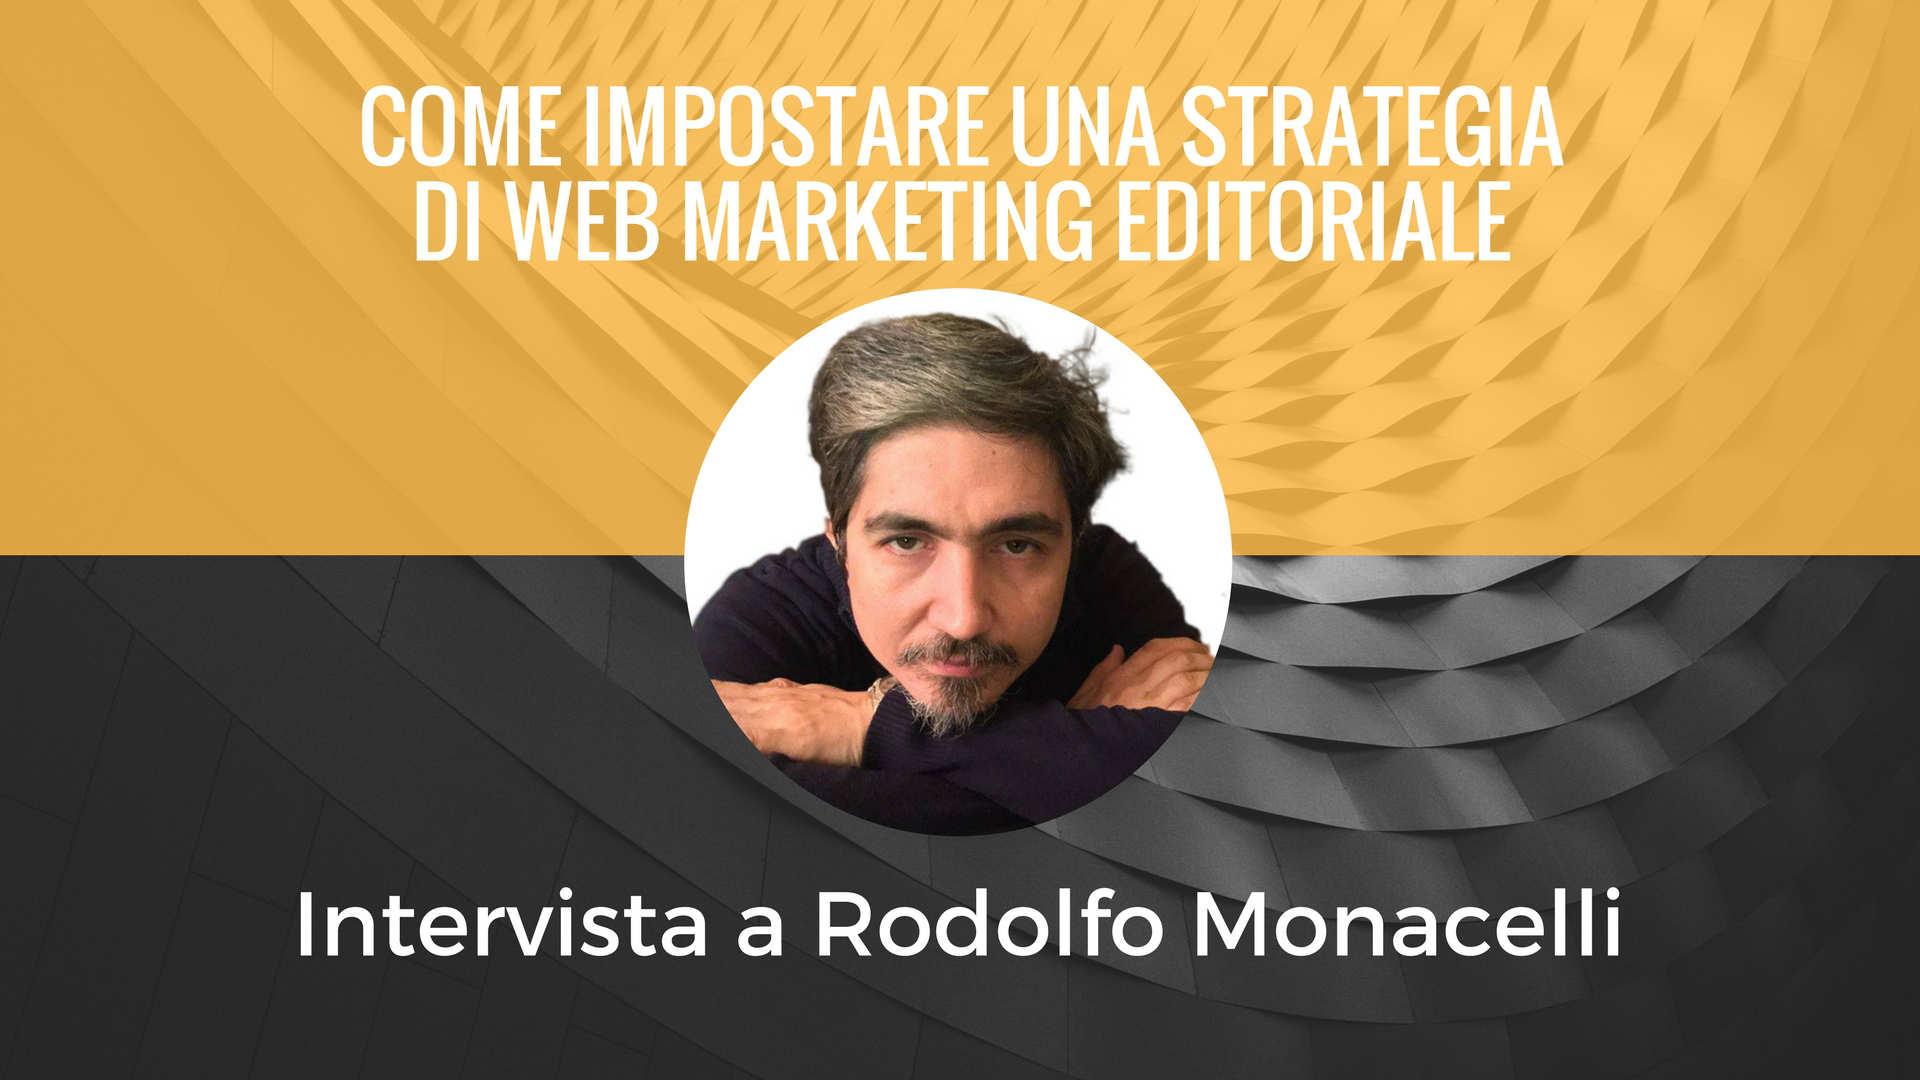 Intervista a Rodolfo Monacelli